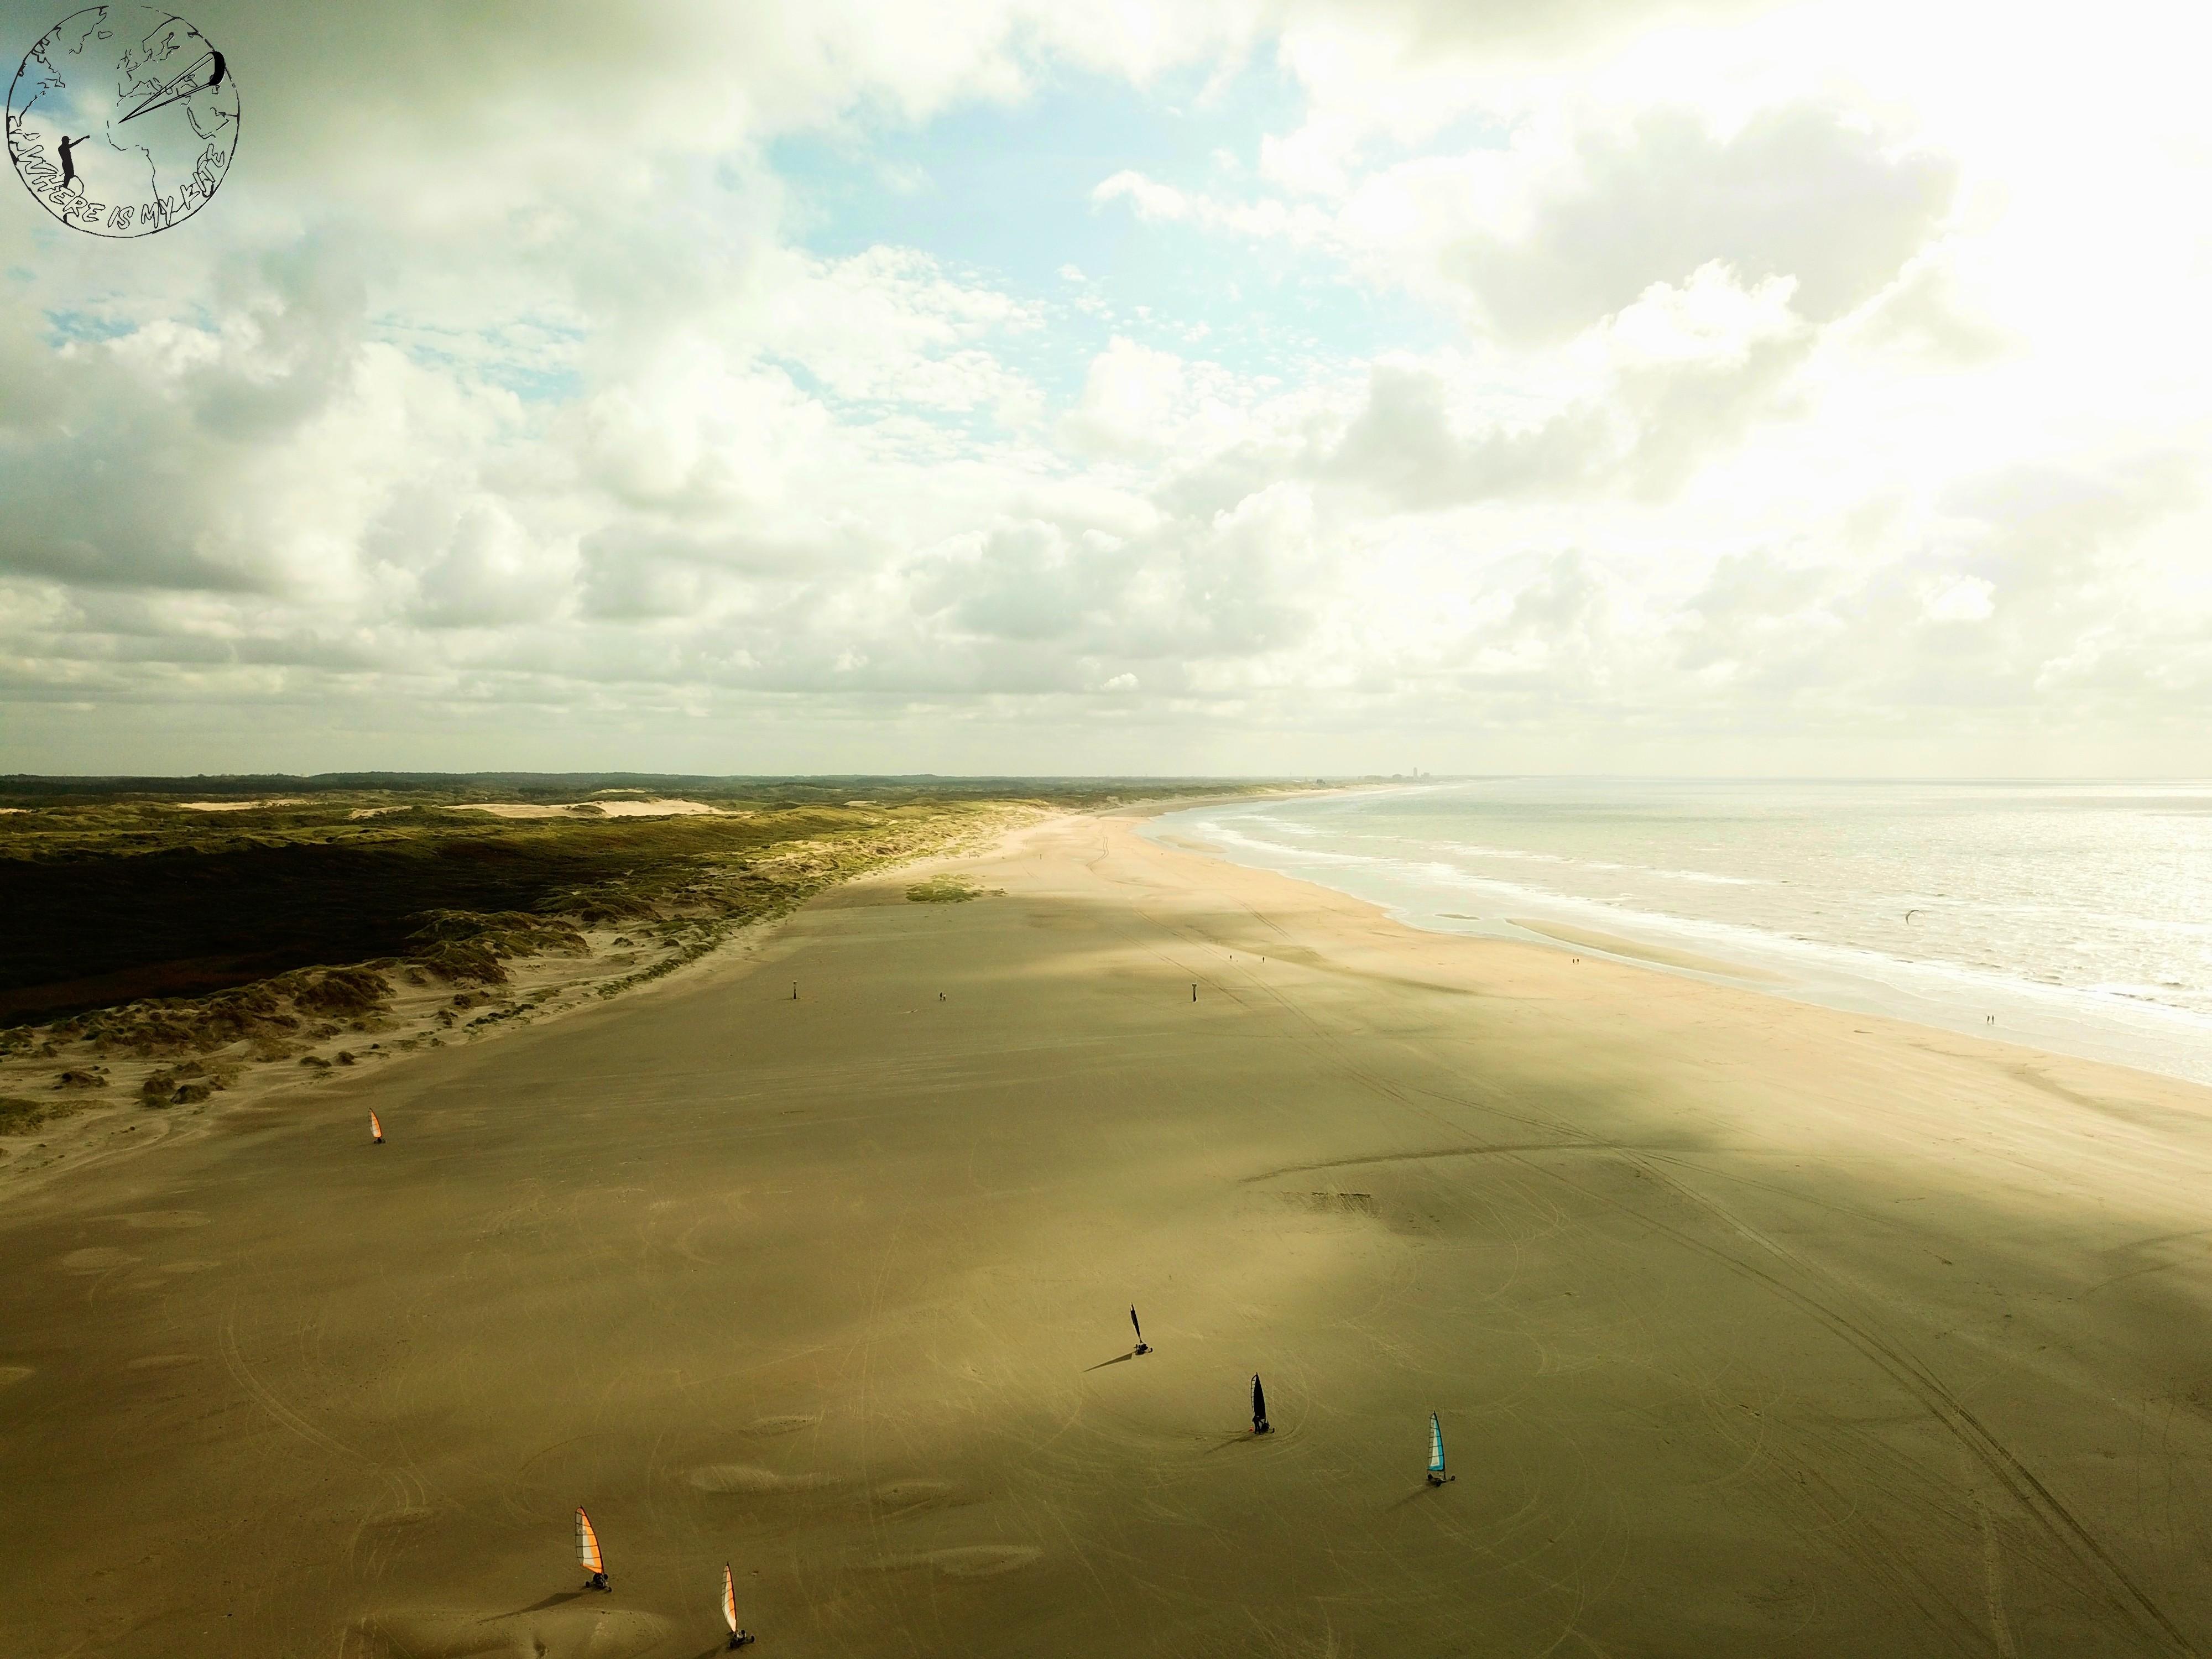 Spot de kitesurf en Hollande à UIjmuiden, vantrip avec la kite family, session char à voile sur la plage